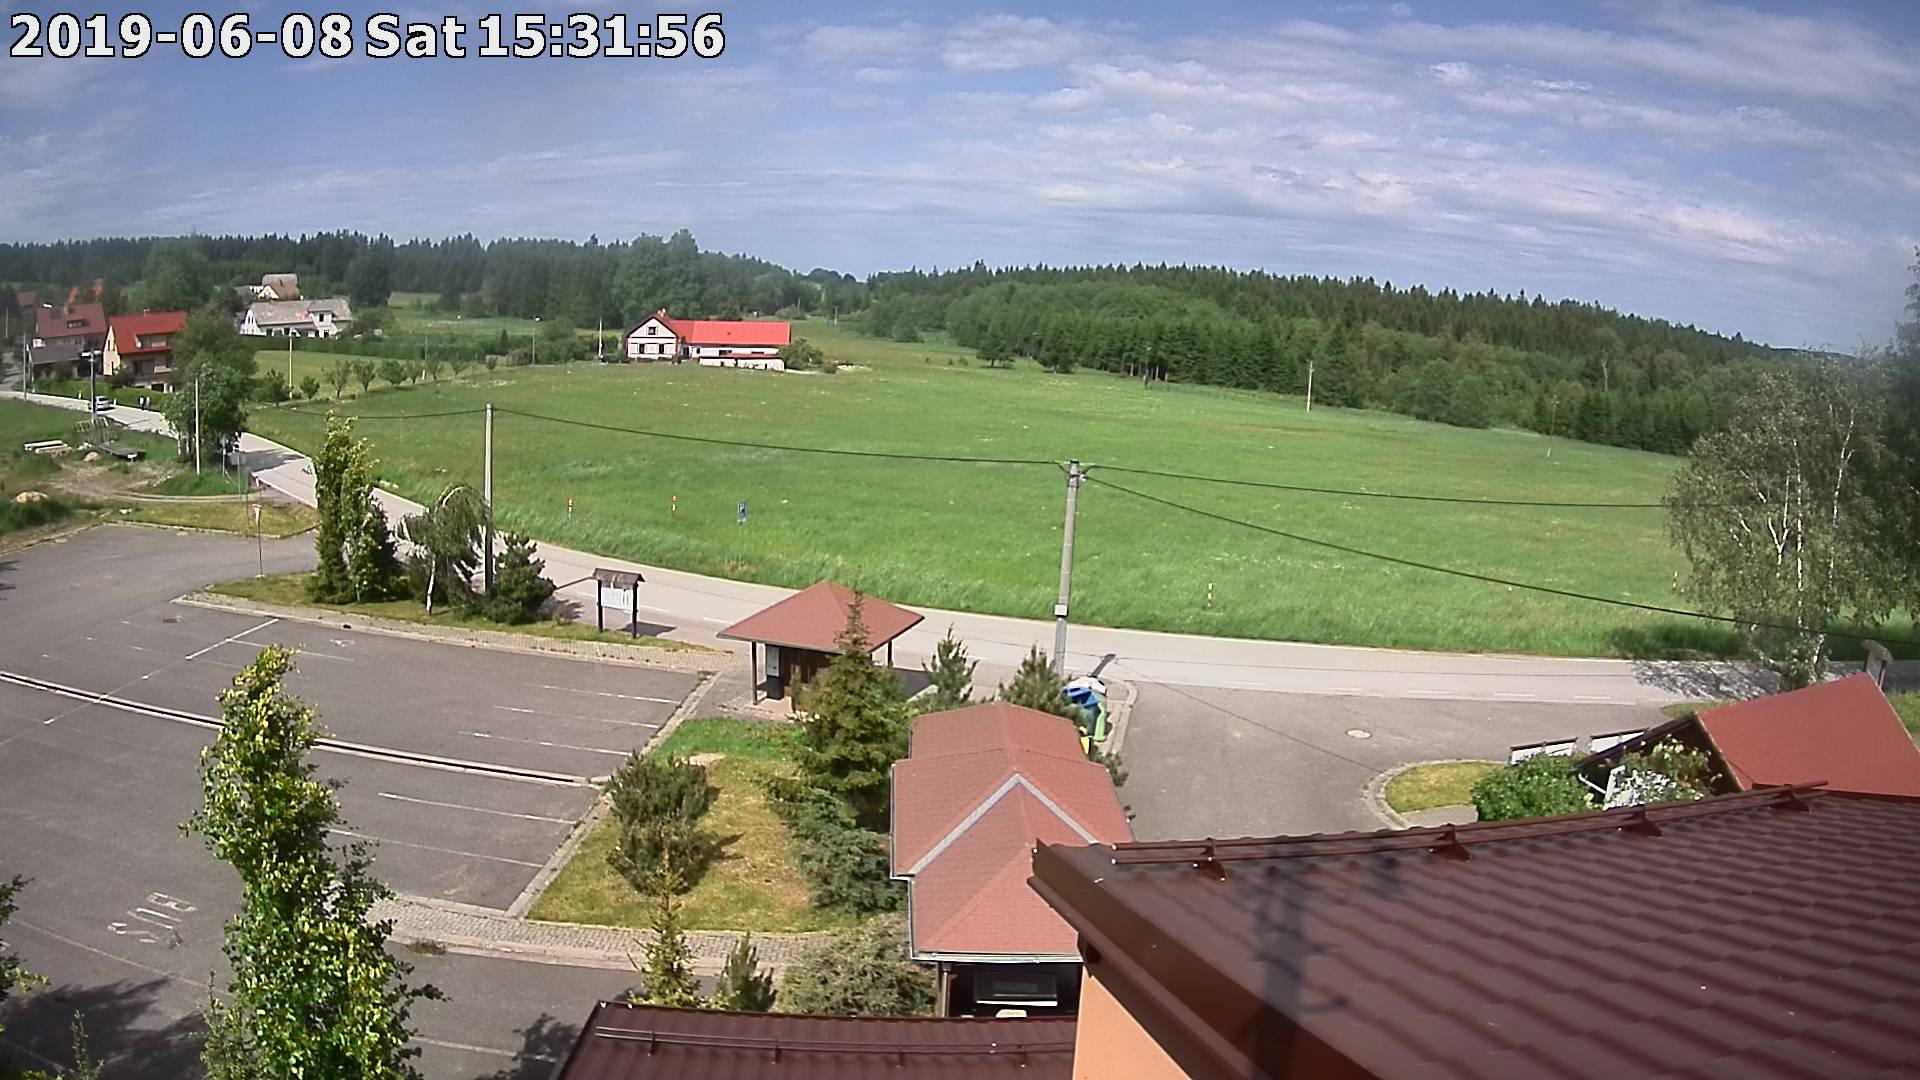 Webkamera ze dne 2019-06-08